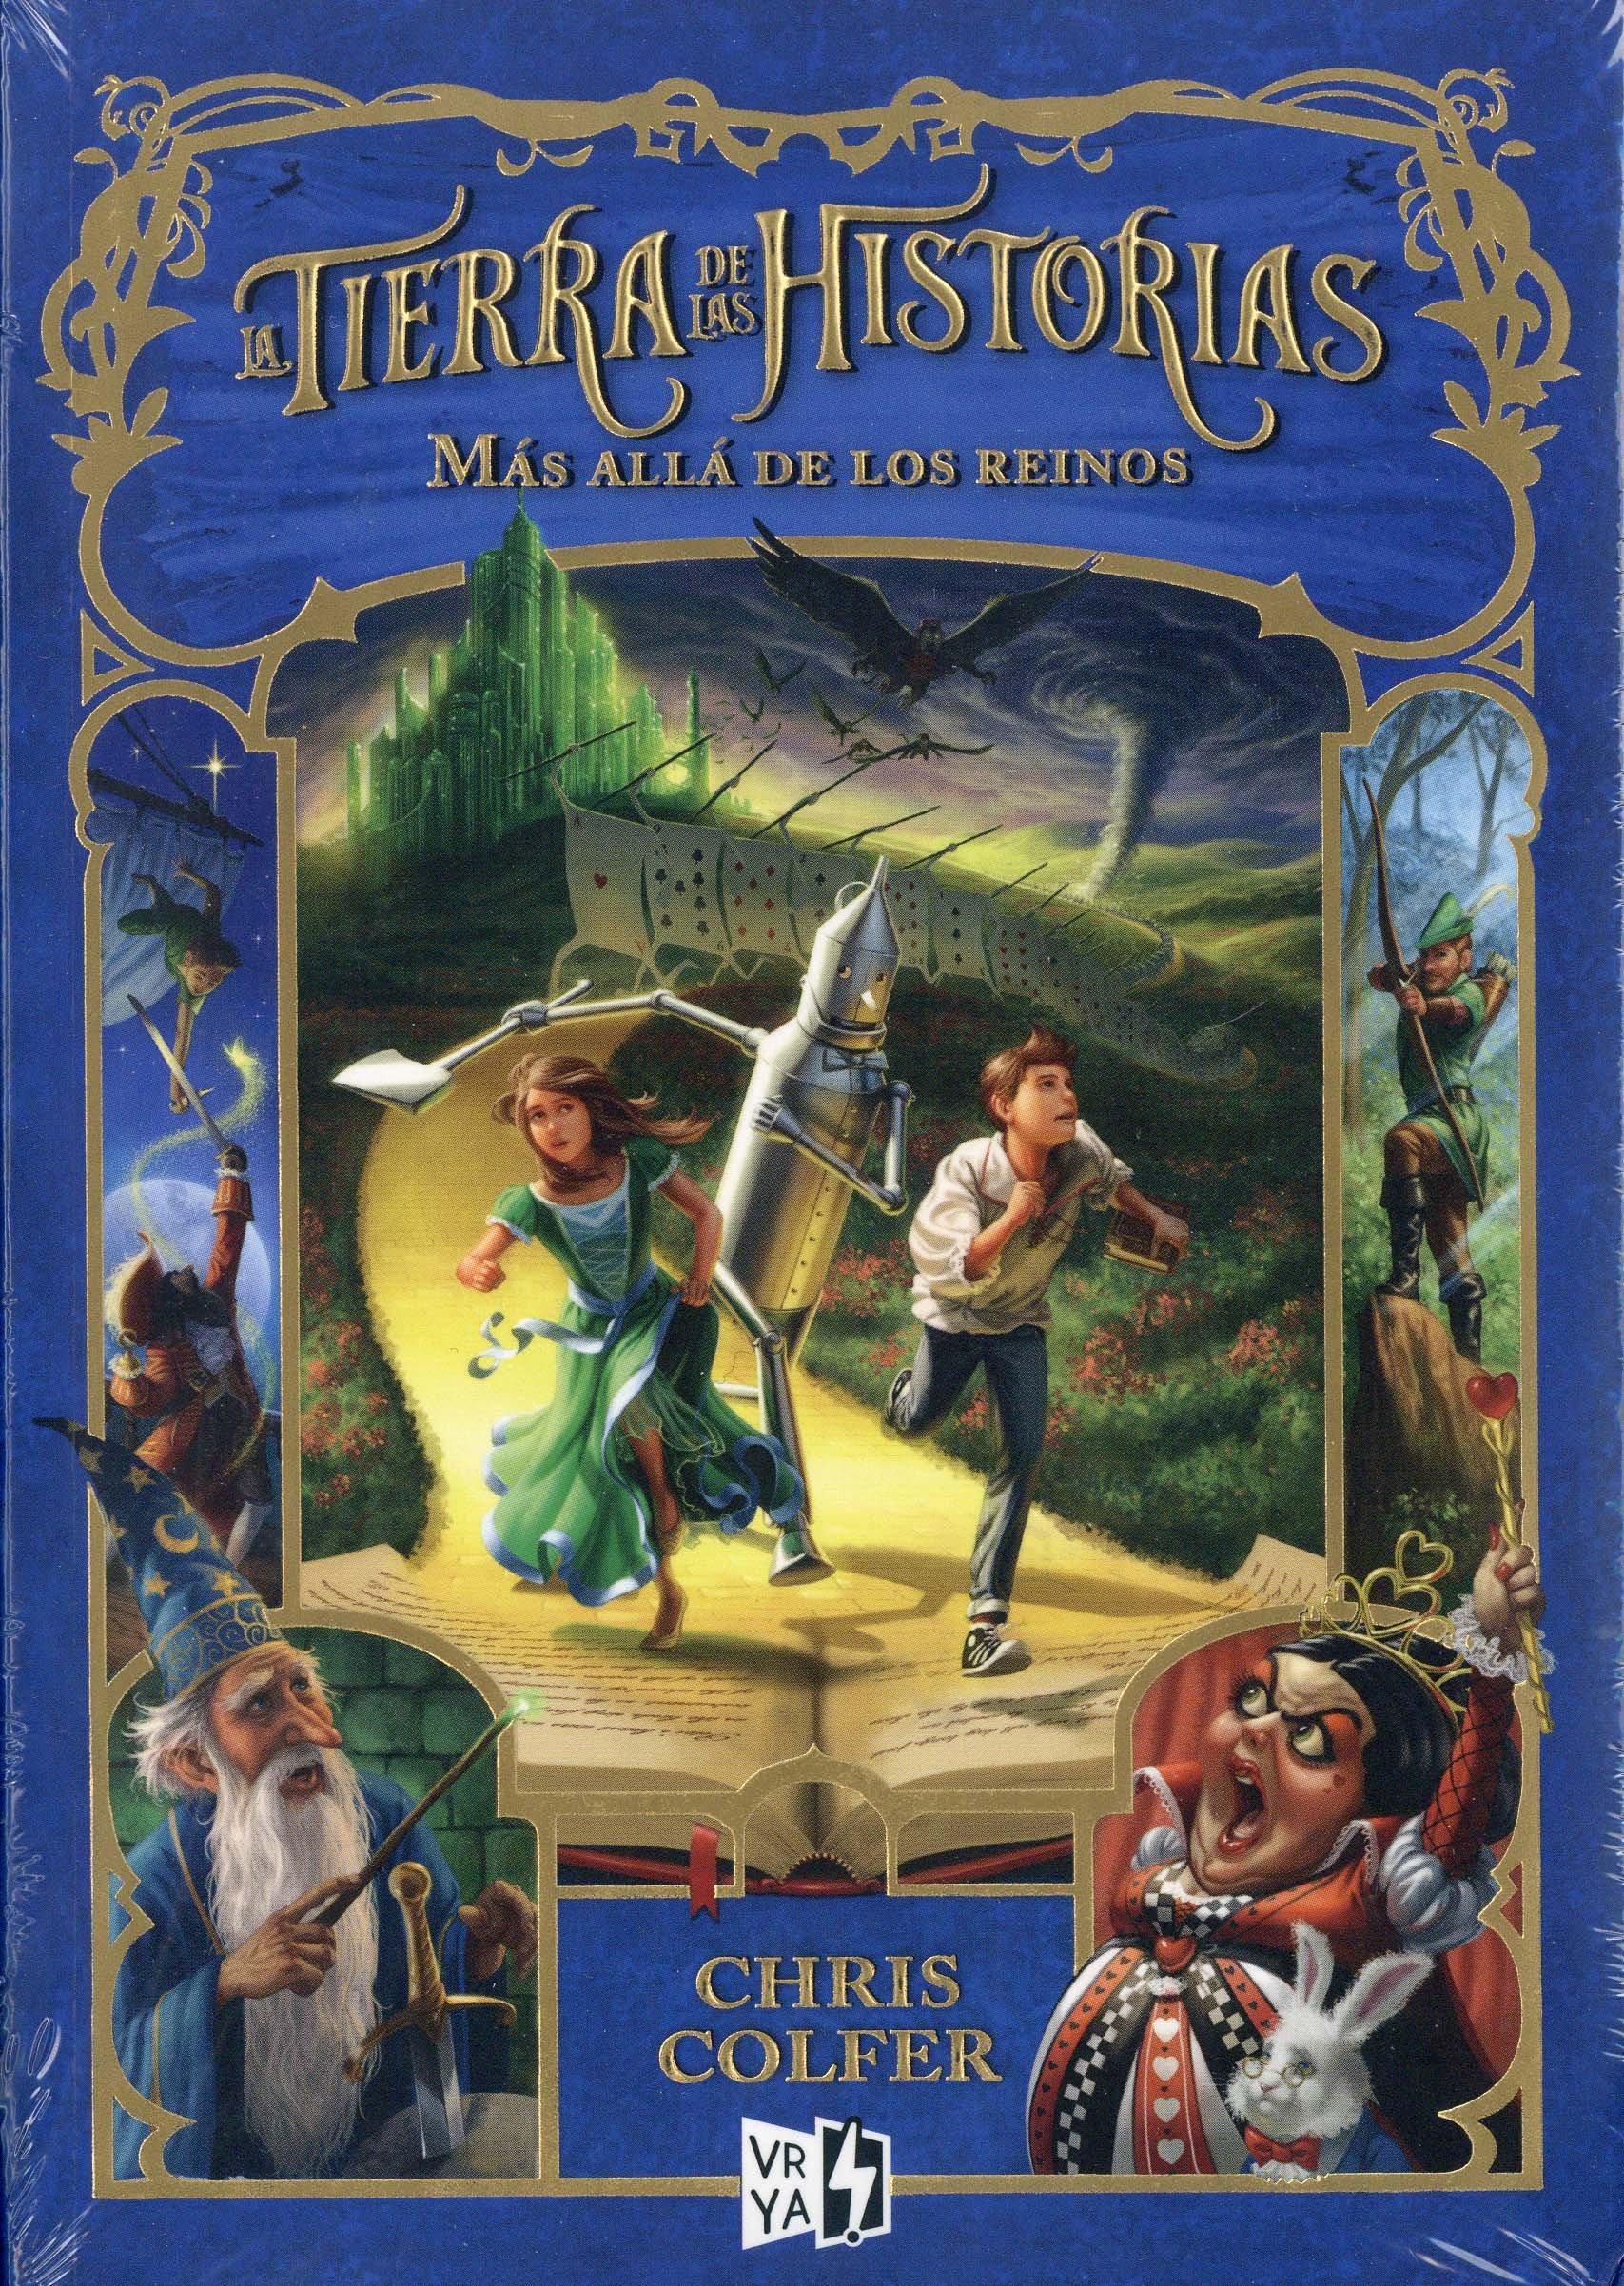 Más Allá de Los Reinos (La Tierra De Las Historias): Amazon.es: Colfer, Chris: Libros